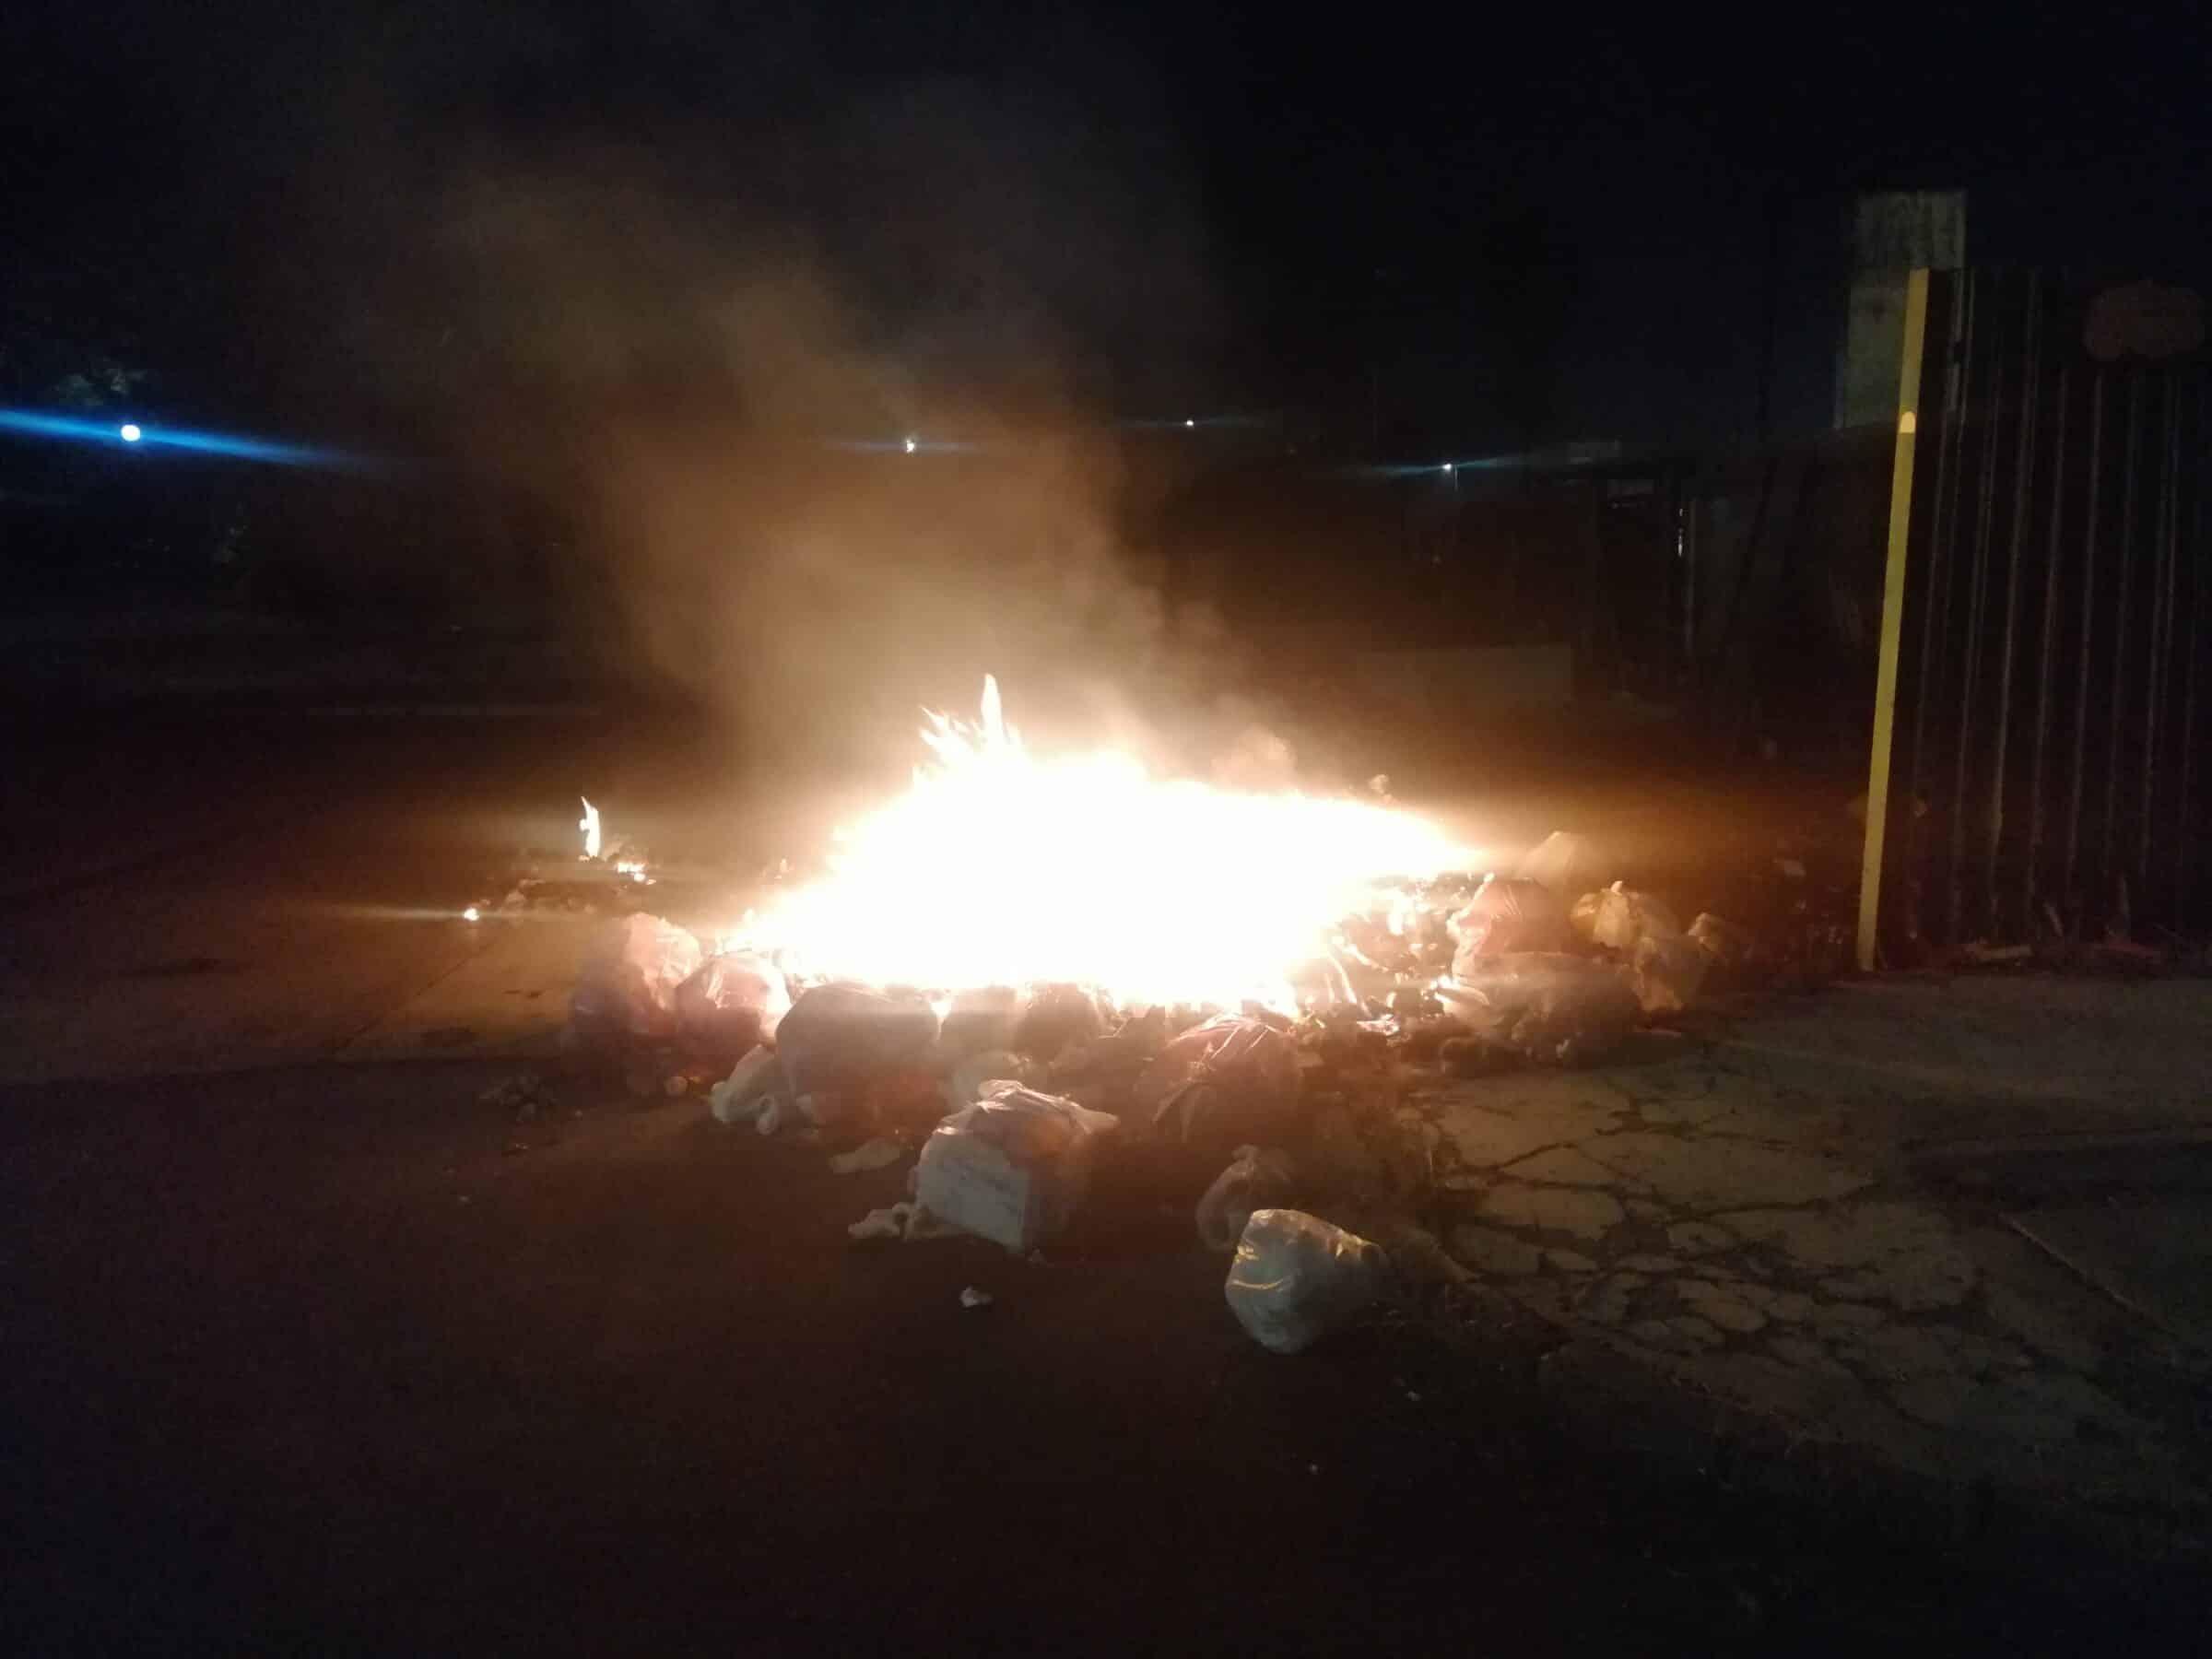 """Emergenza rifiuti a Catania, scoppiano le fiamme a Librino. Saverino: """"Forse c'è un disegno criminale?"""""""